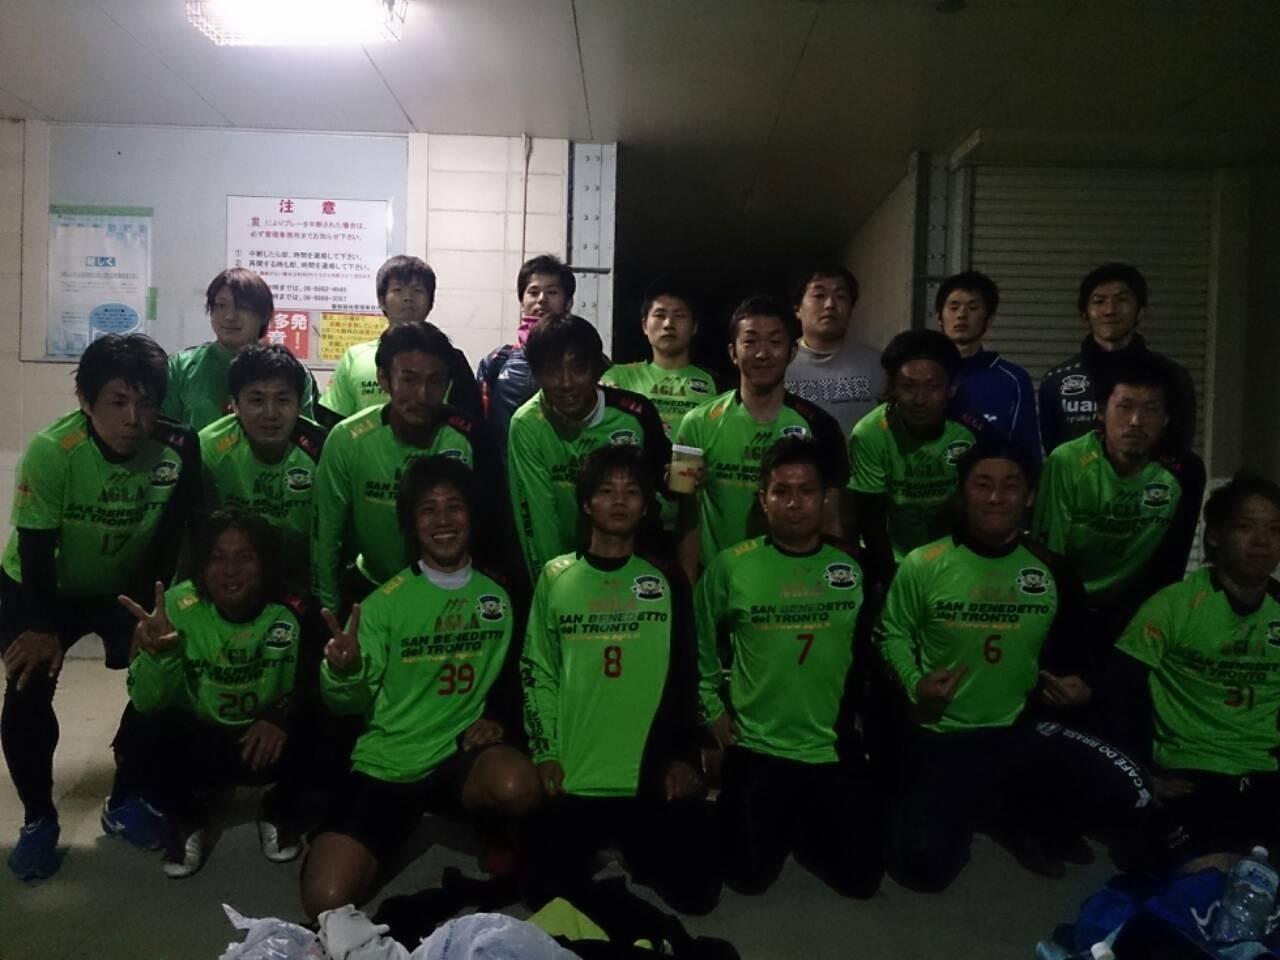 2013/12/01 服部緑地人工芝サッカー場 vs 貝塚FC